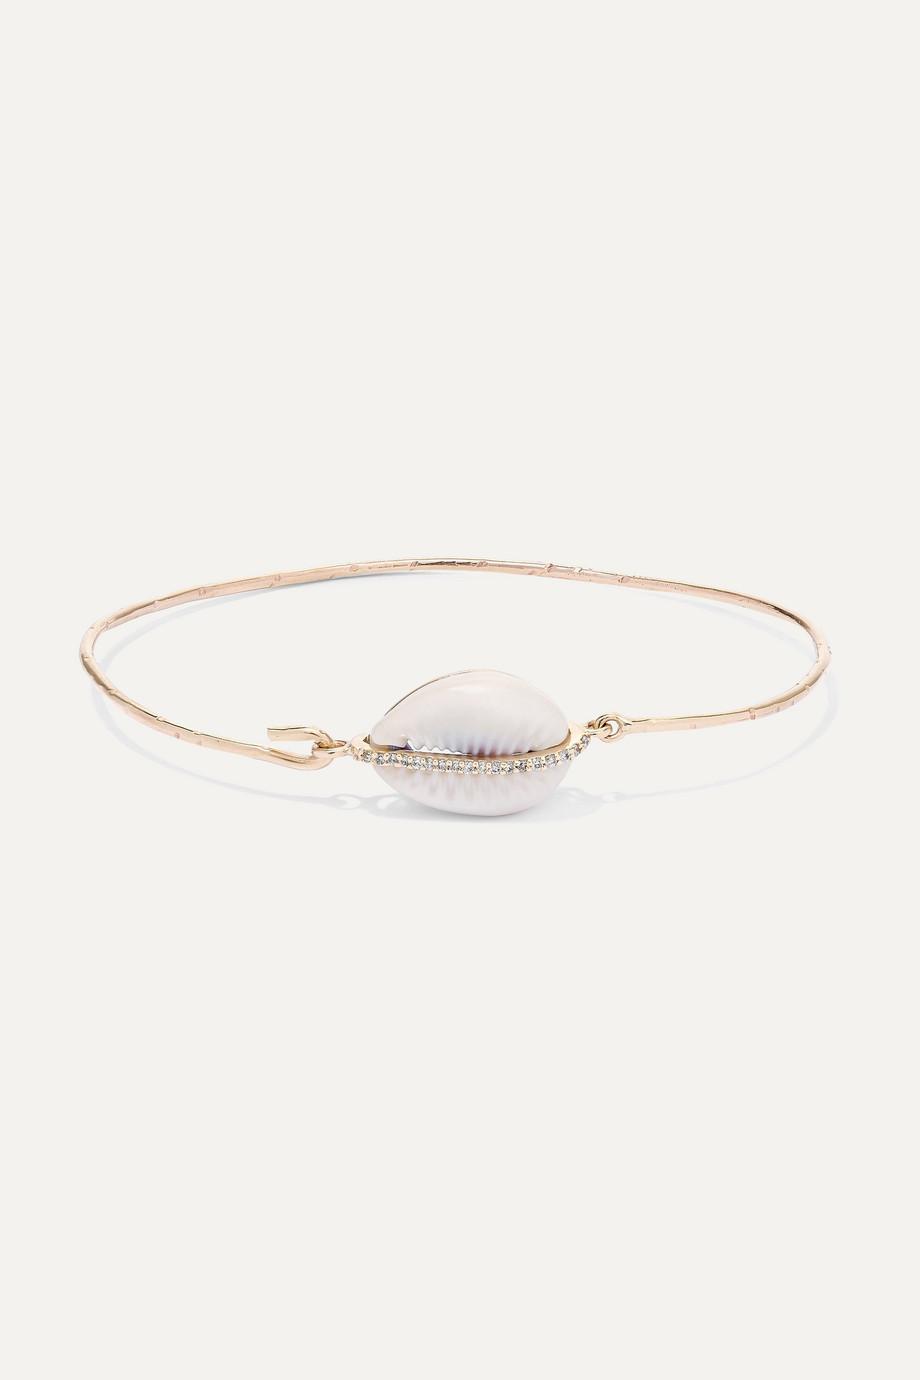 Pascale Monvoisin Bracelet en or 9 carats, porcelaine et diamants Cauri